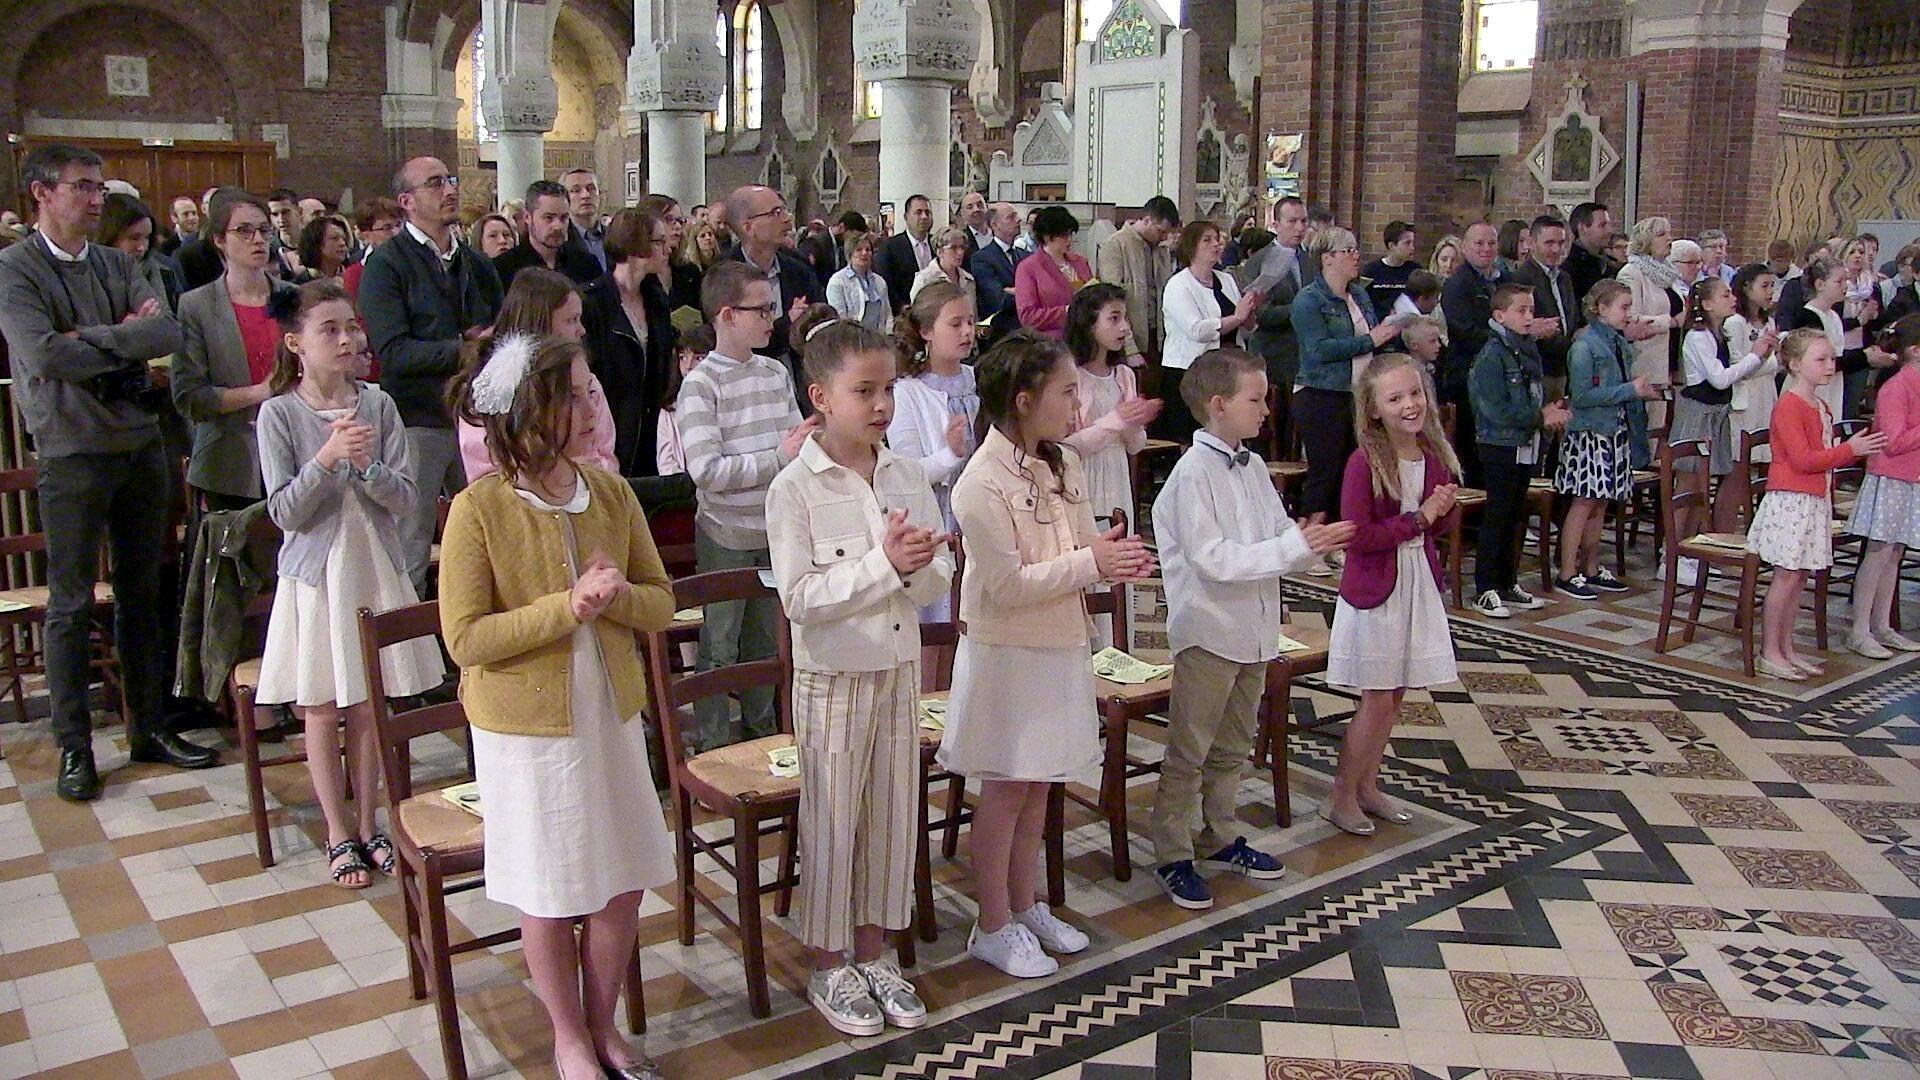 2019-05-12-entrées eucharistie (31)